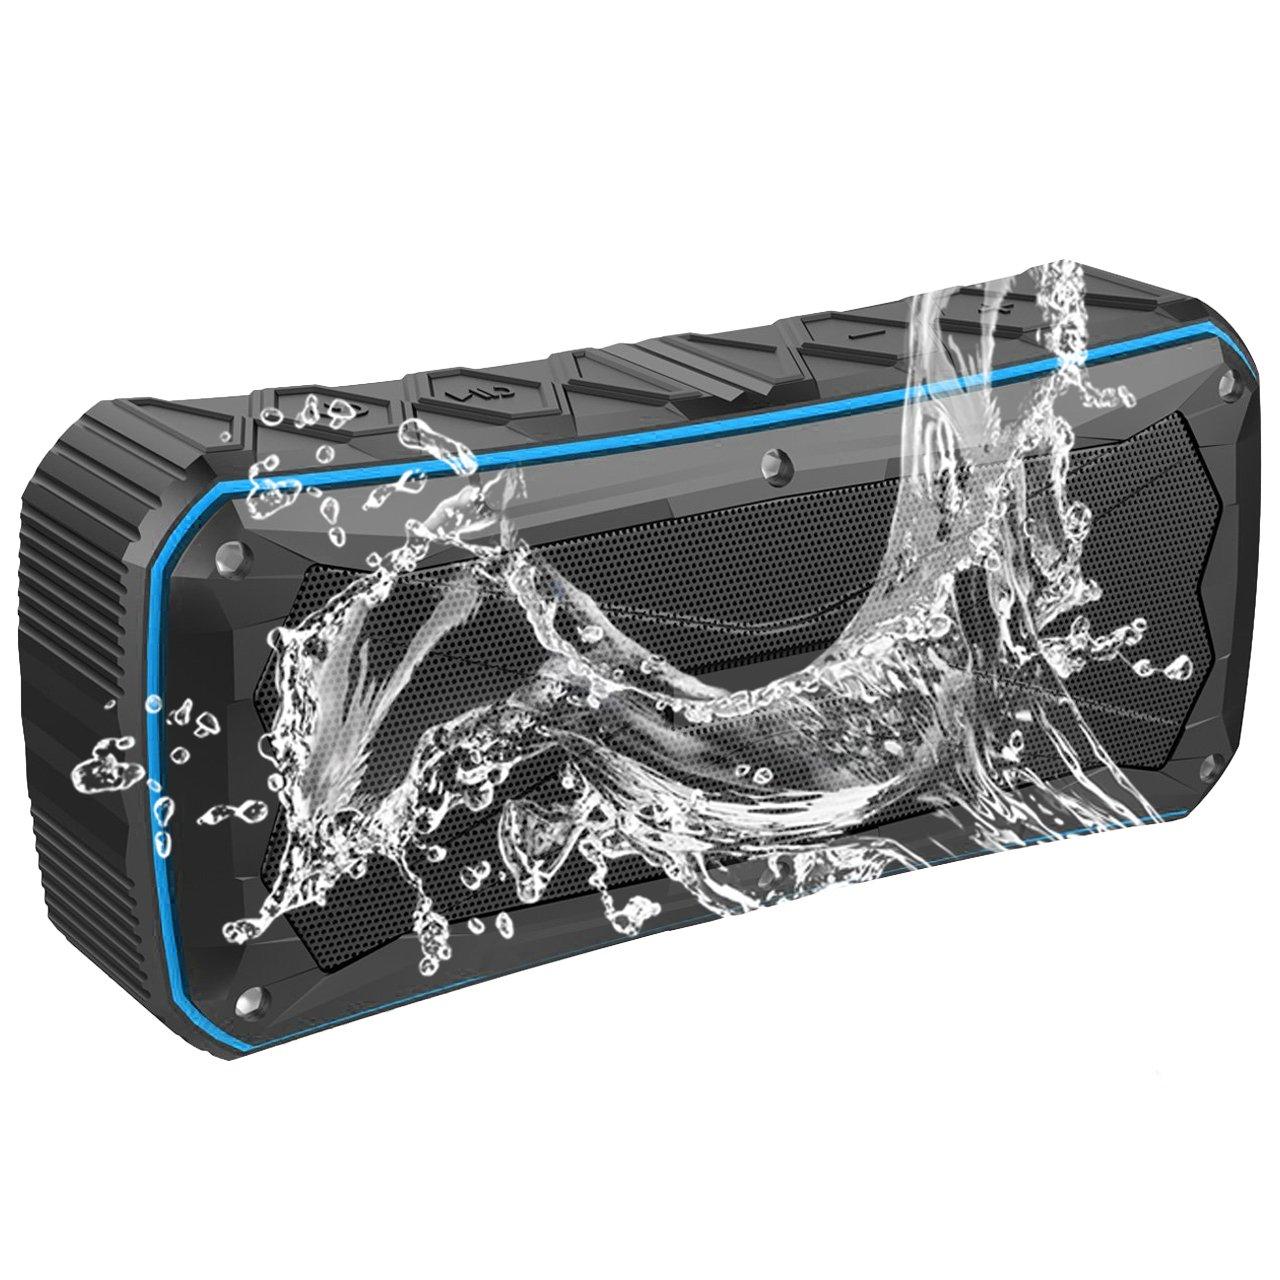 EMODUX Waterproof Portable Bluetooth Speaker Black with Blue